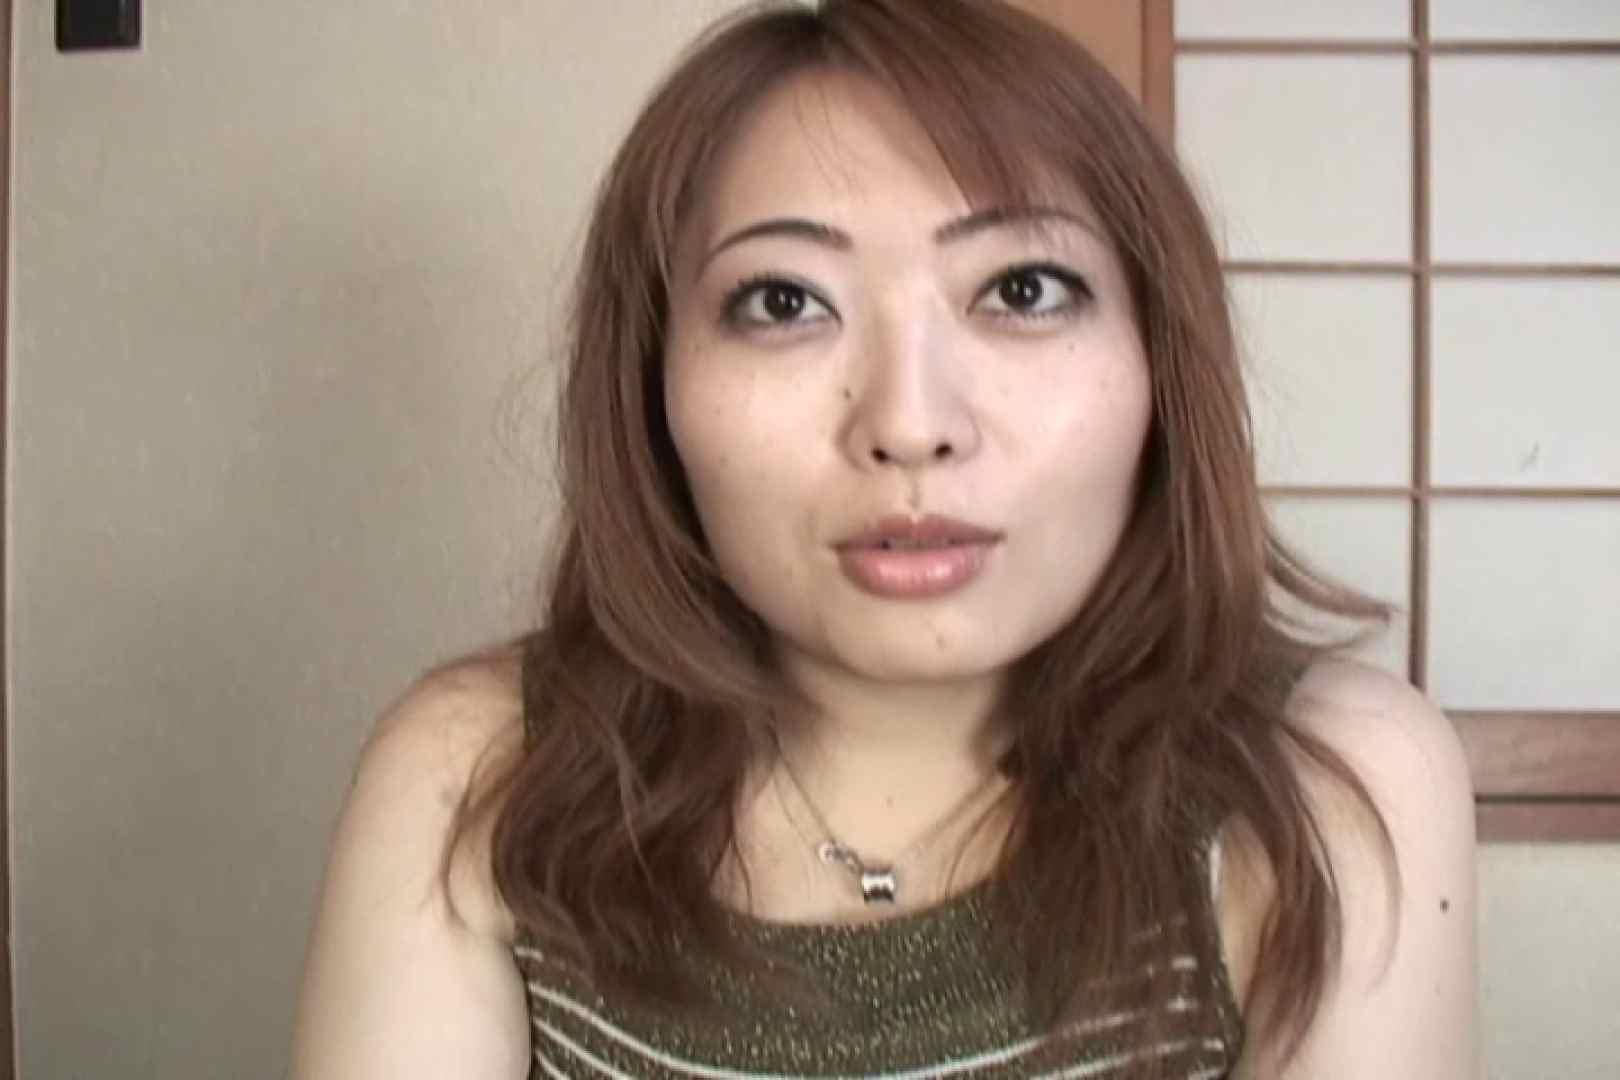 仕事で月200本のチンポを相手する22歳若人妻~桜井あい~ 人妻のエッチ  108pic 80